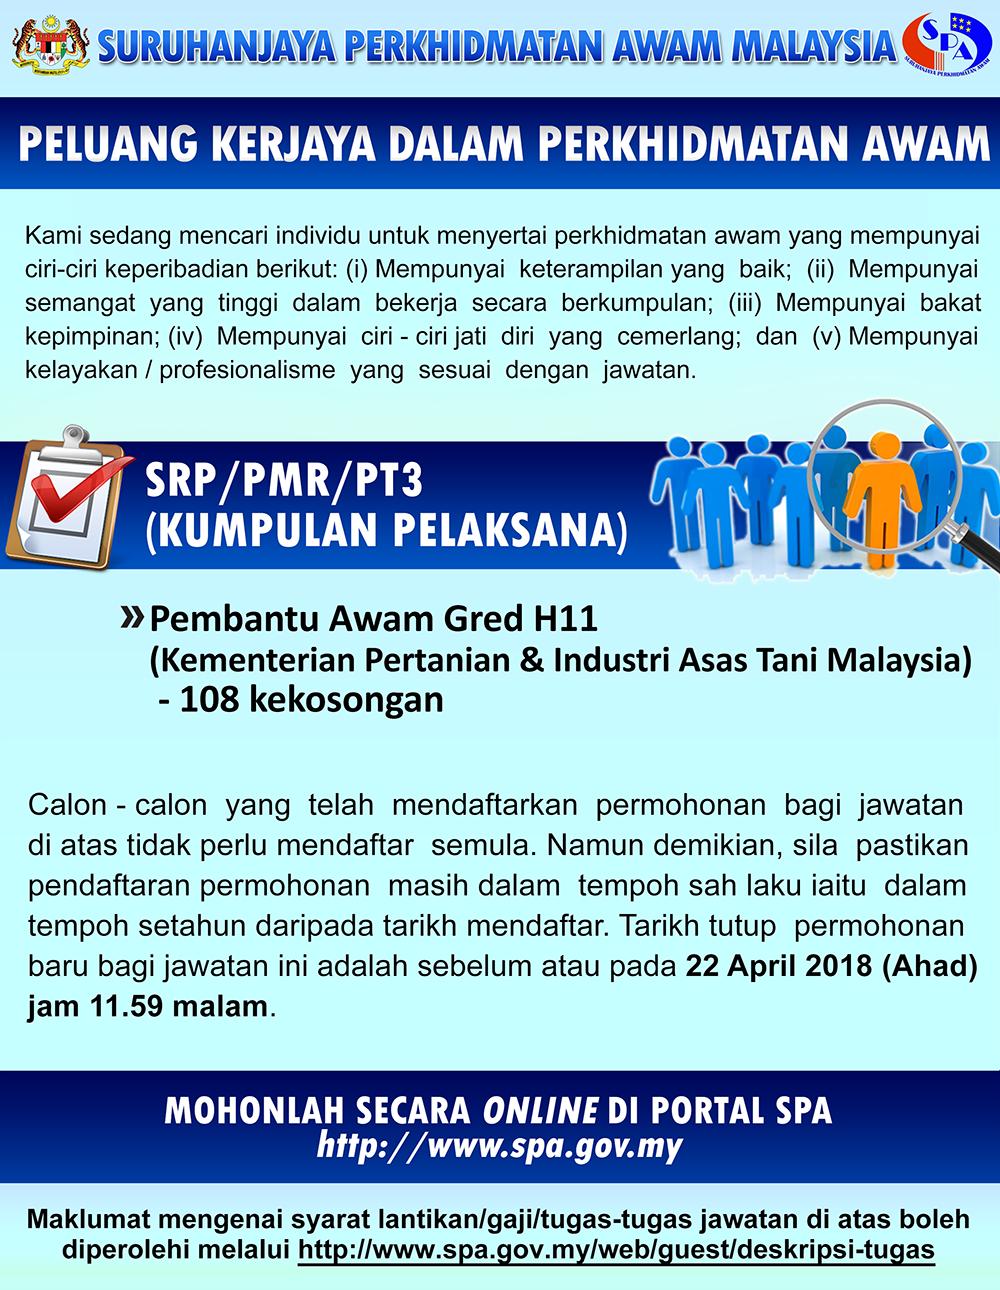 Jawatan Kosong Di Kementerian Pertanian Kekosongan Seluruh Negara Berpencen Jobcari Com Jawatan Kosong Terkini